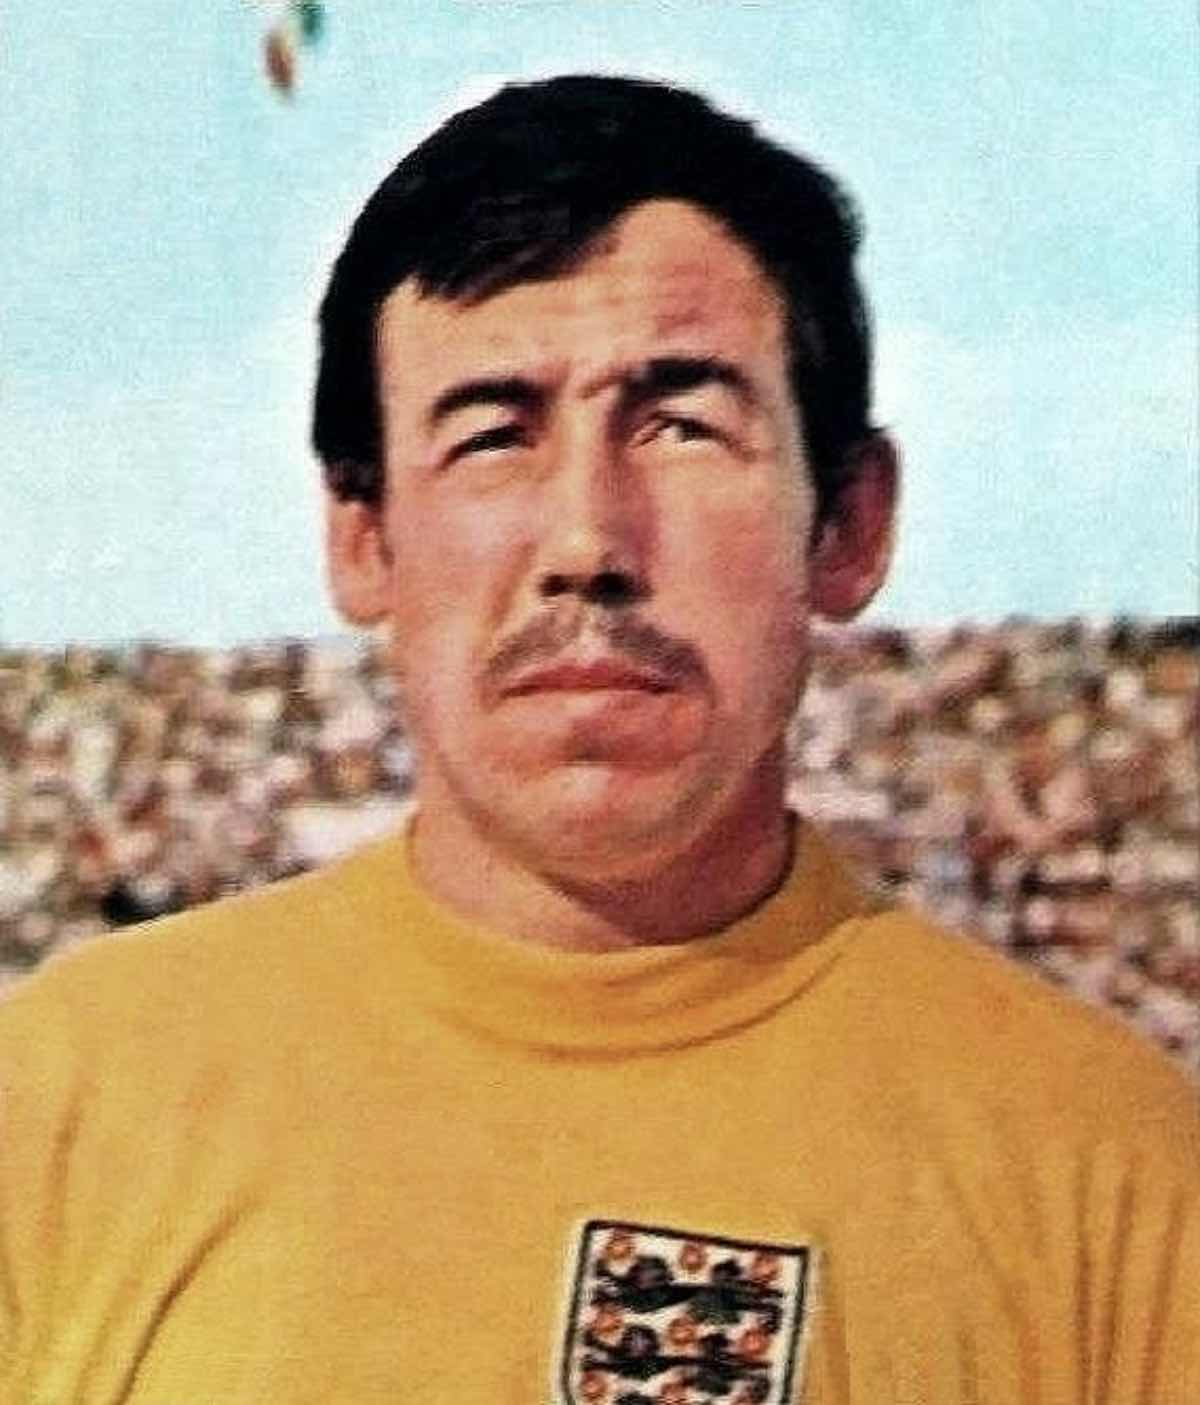 Gordon Banks, muore il portiere dell'Inghilterra campione del mondo 1966